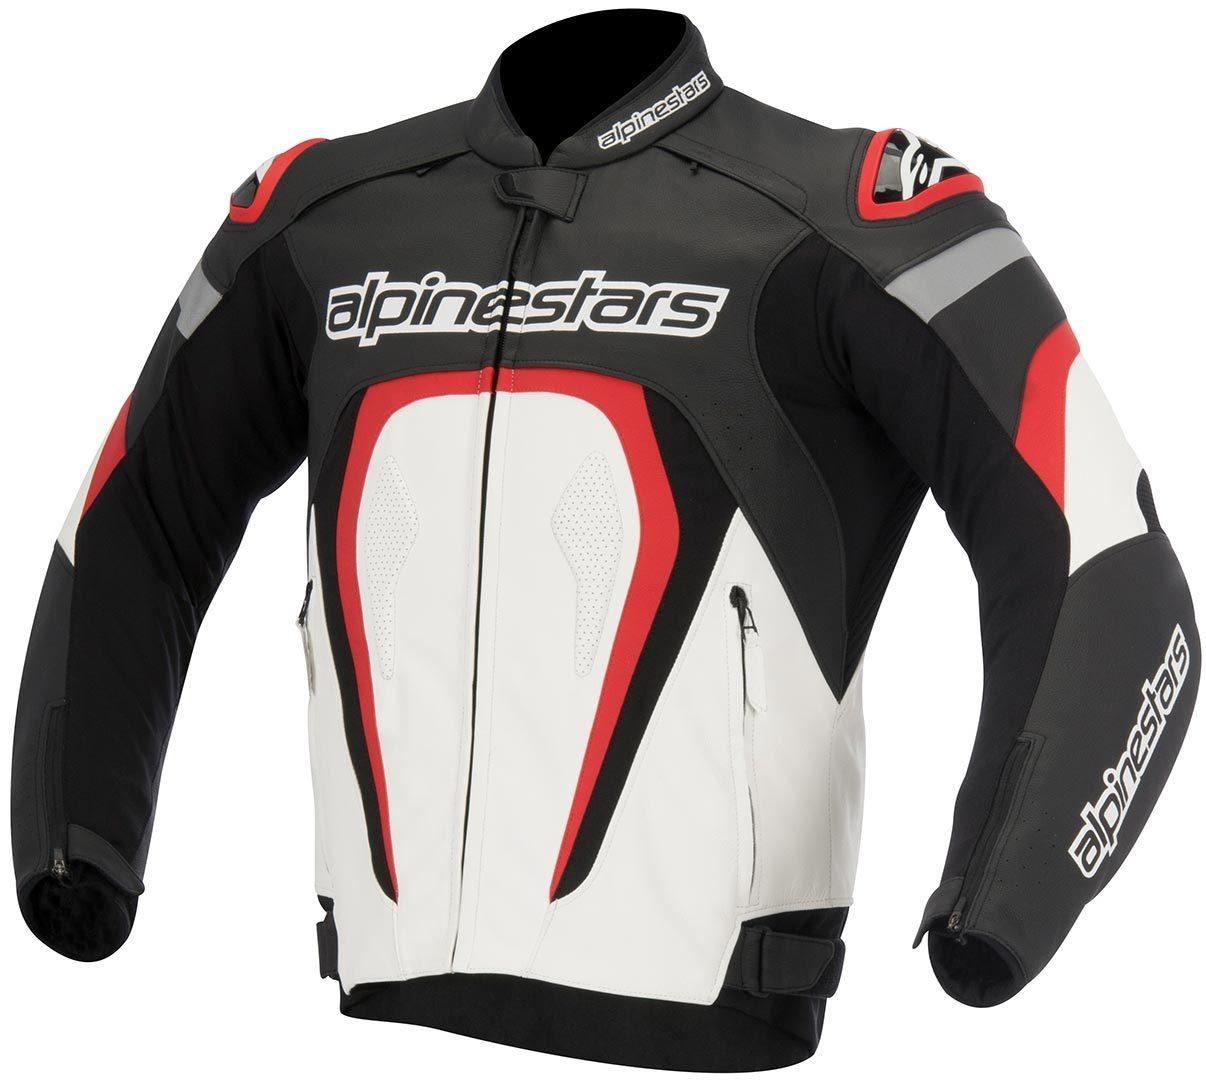 アルパインスターズ Alpinestars Motegi バイク用品 メンズ バイクウェア モトクロス レザージャケット 革ジャン ライダースジャケット